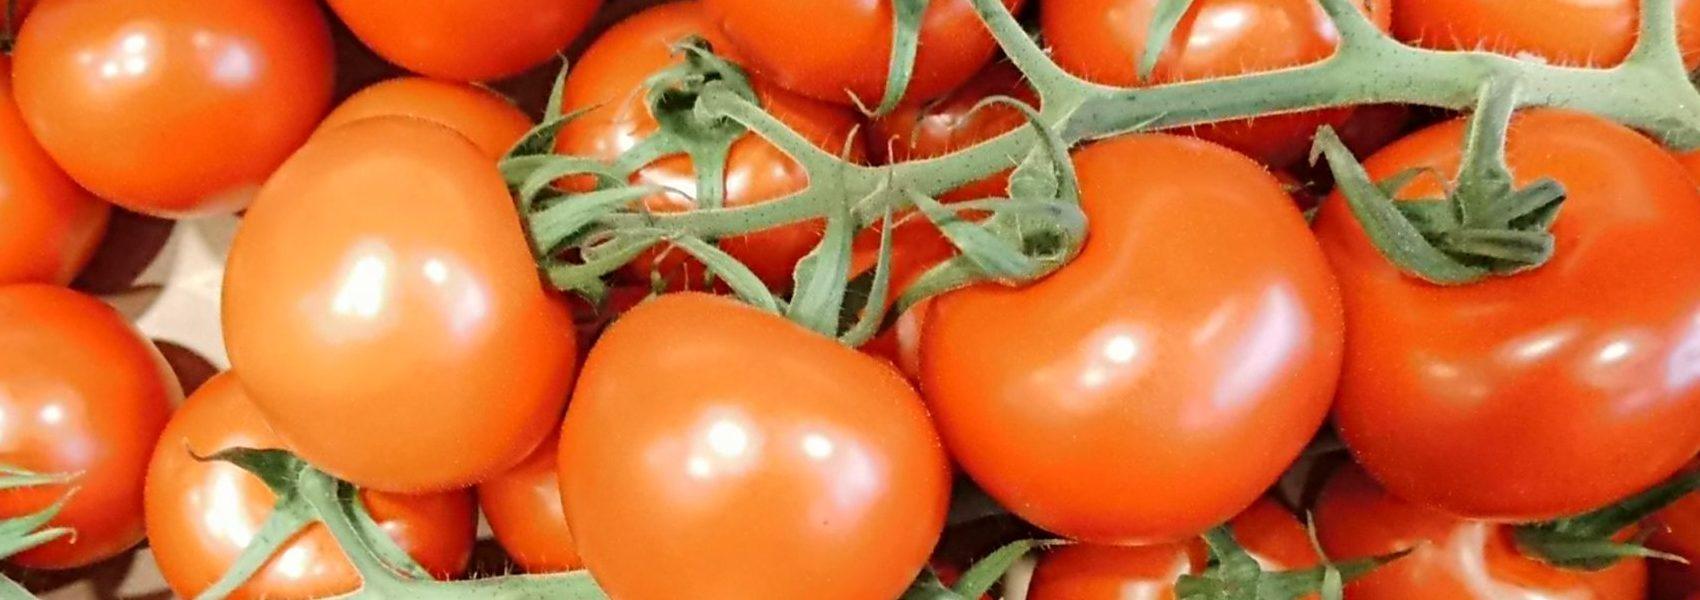 Große Auswahl an Tomaten